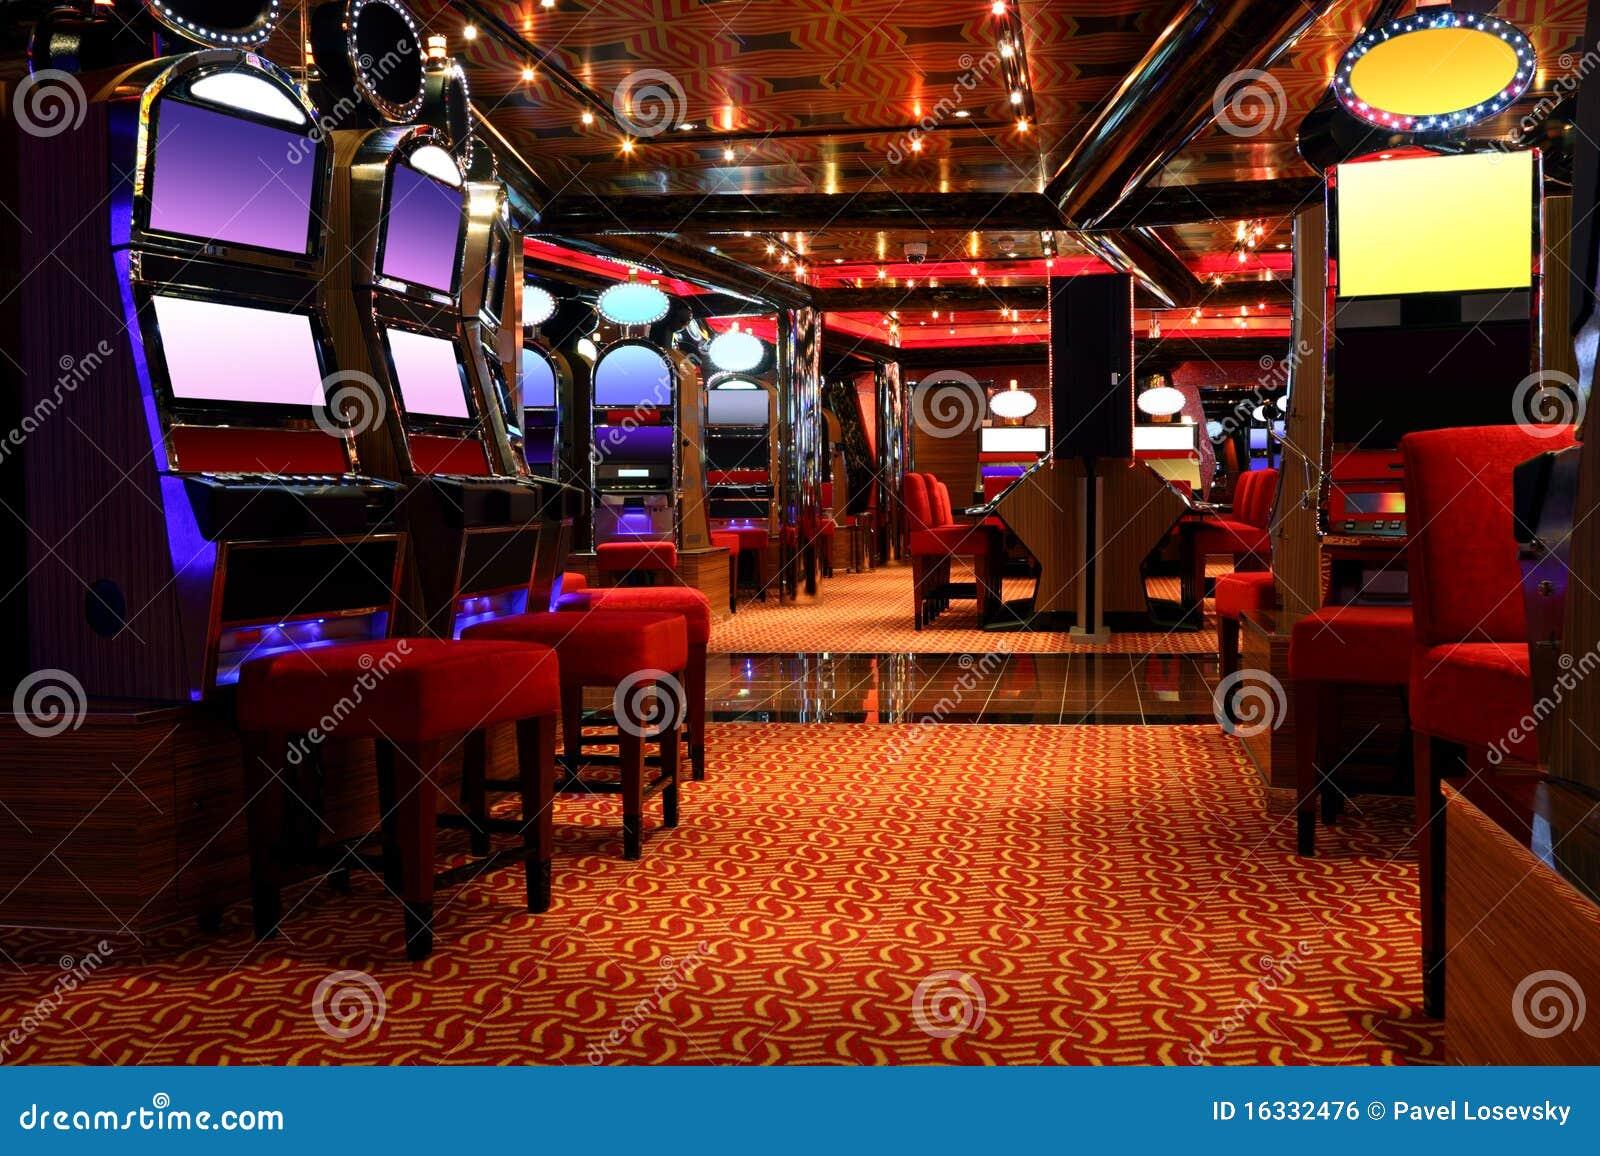 娱乐场游艺厅用机器制造现代